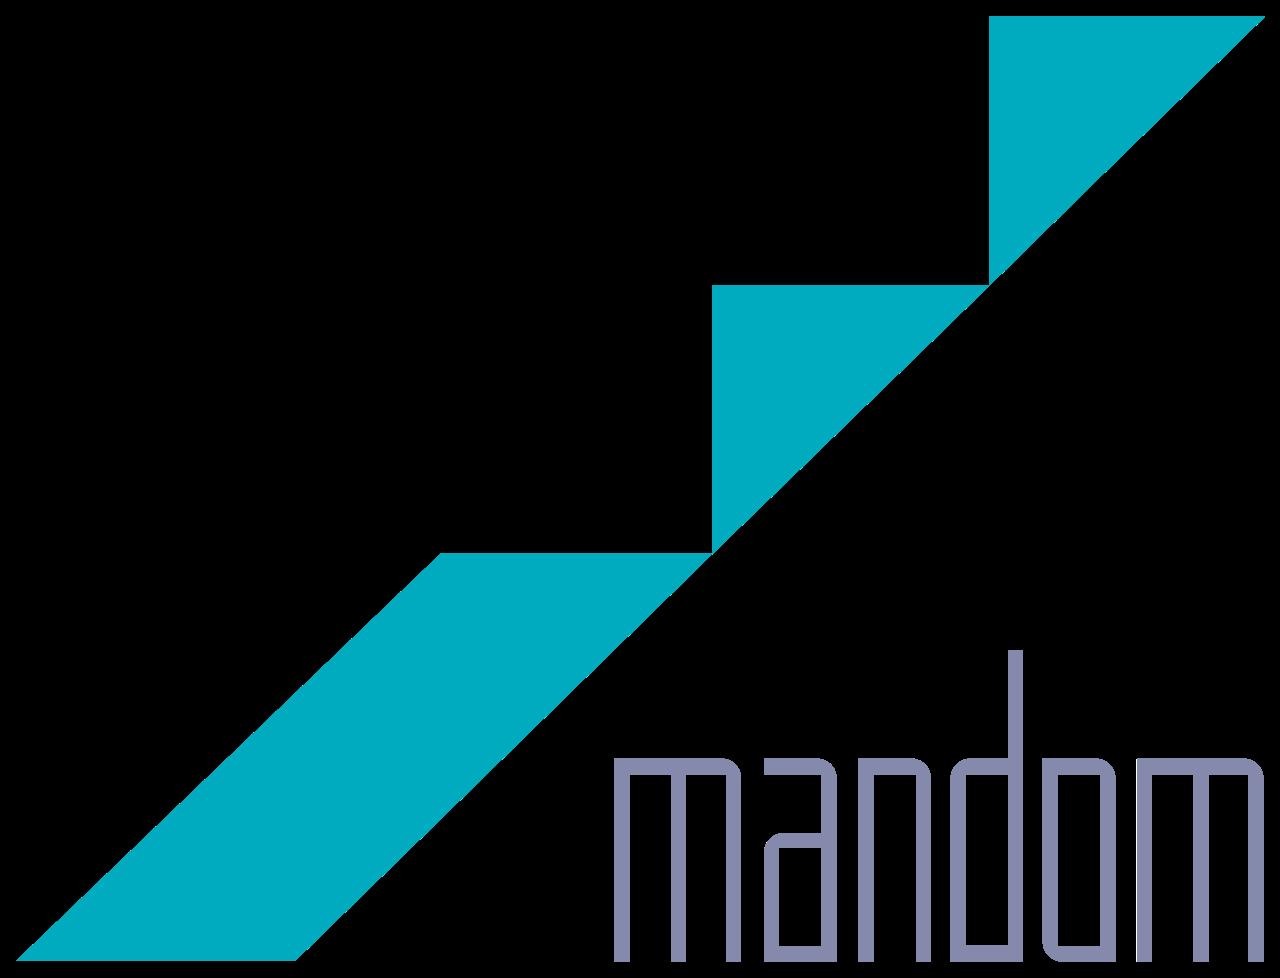 PT. Mandom Indonesia Tbk